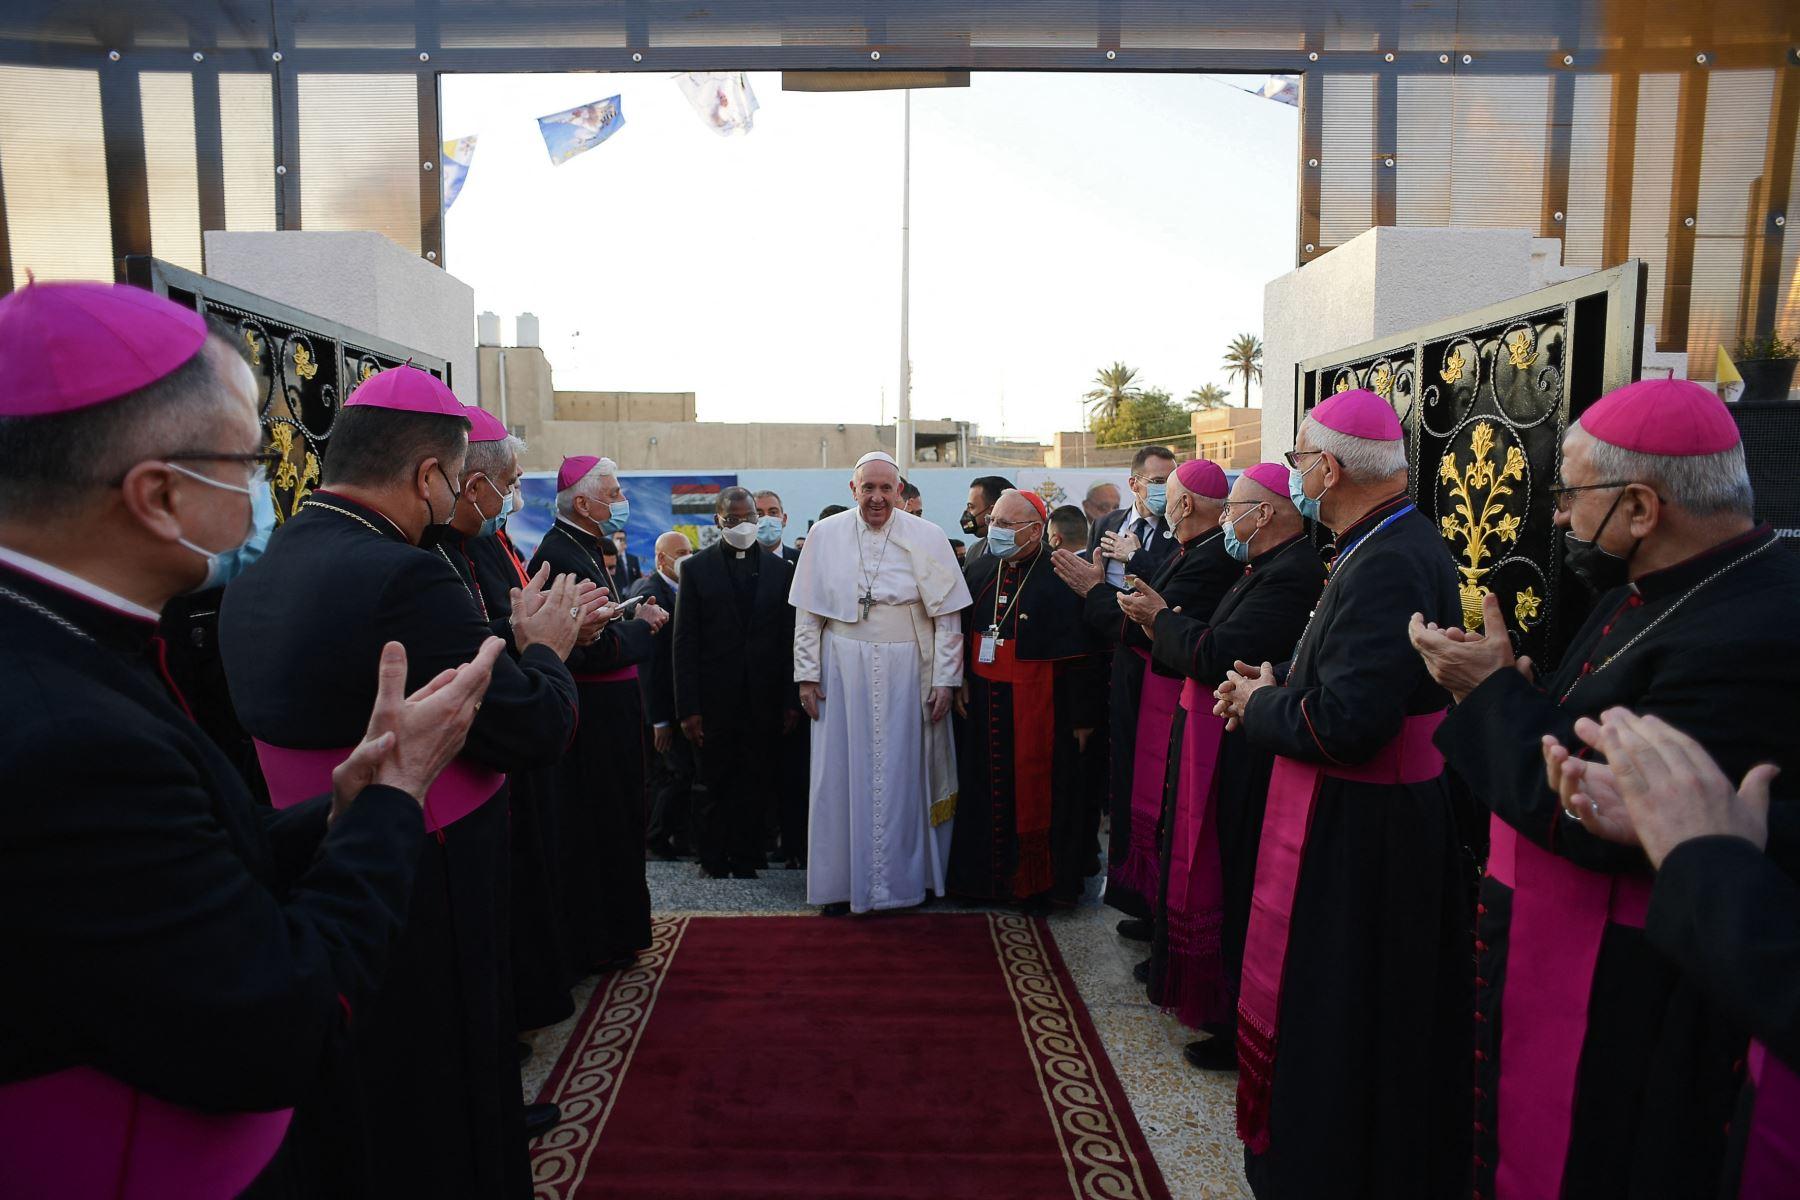 El Papa Francisco llegando para una misa en la Catedral de San José de Bagdad, en el segundo día de la primera visita papal a Irak.  Foto:  AFP